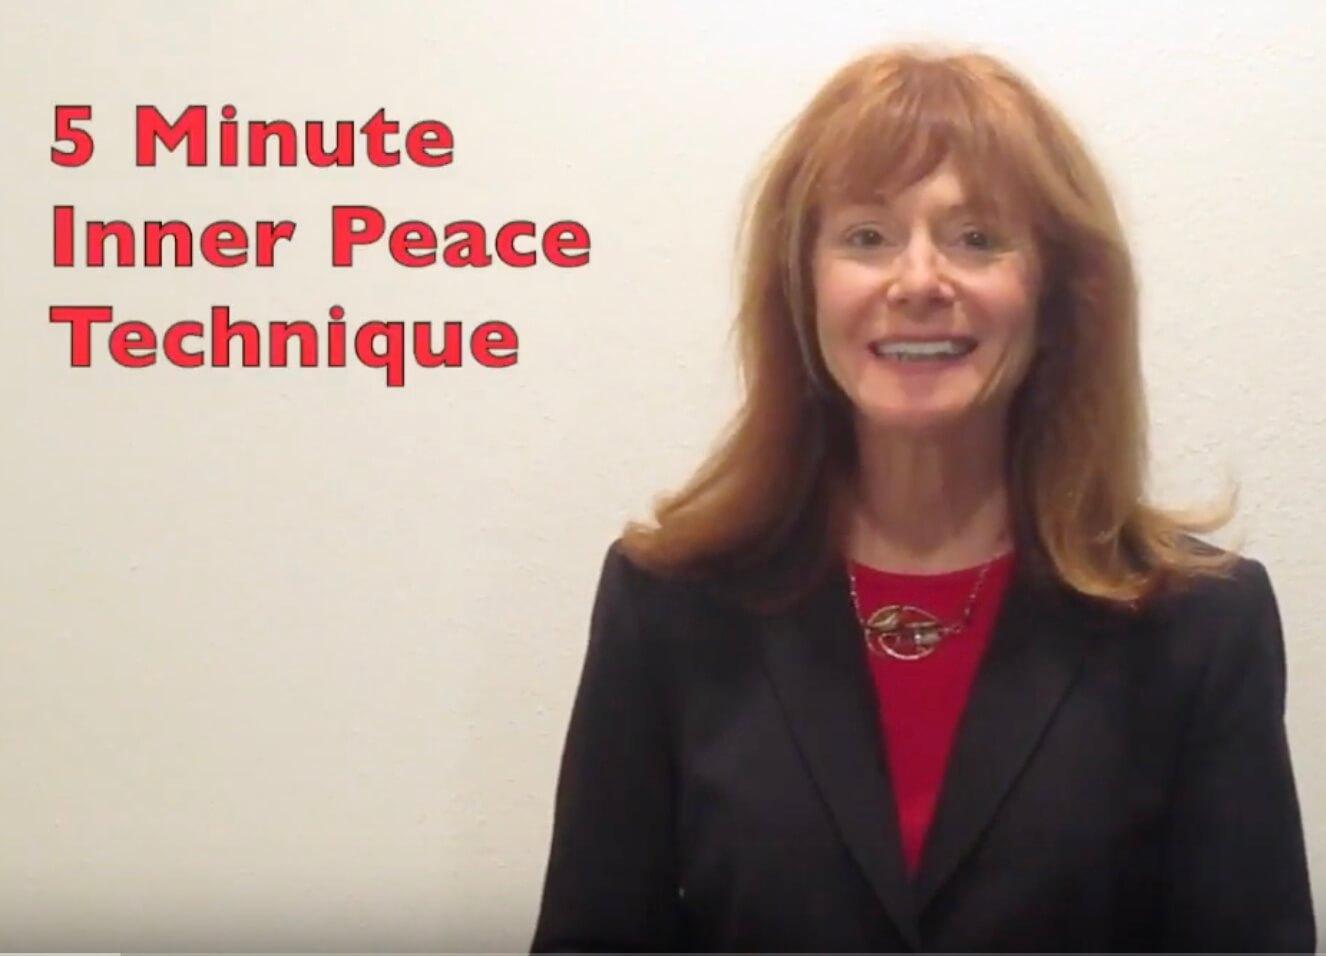 5 Minute Inner Peace Technique